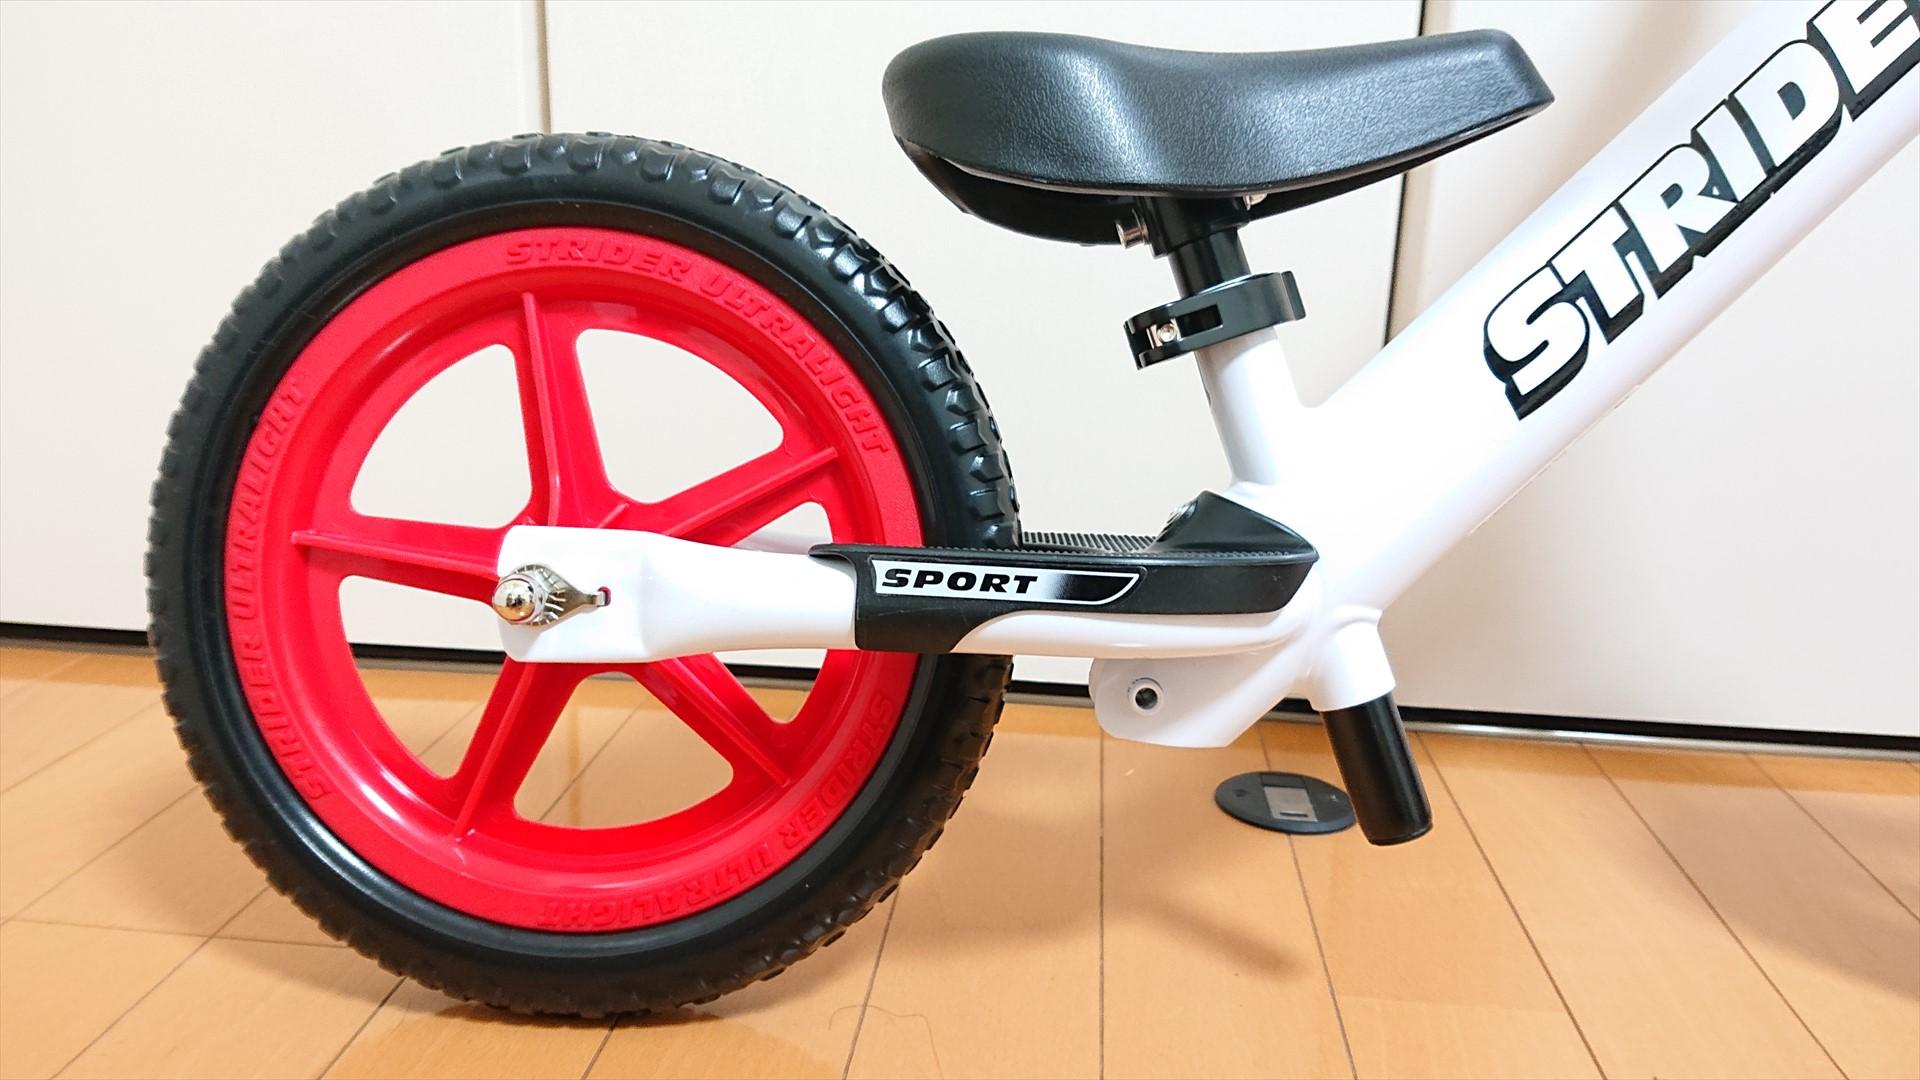 セーブザチルドレンモデルはスポーツモデルと装備は同じです。SPORTのロゴもあります。